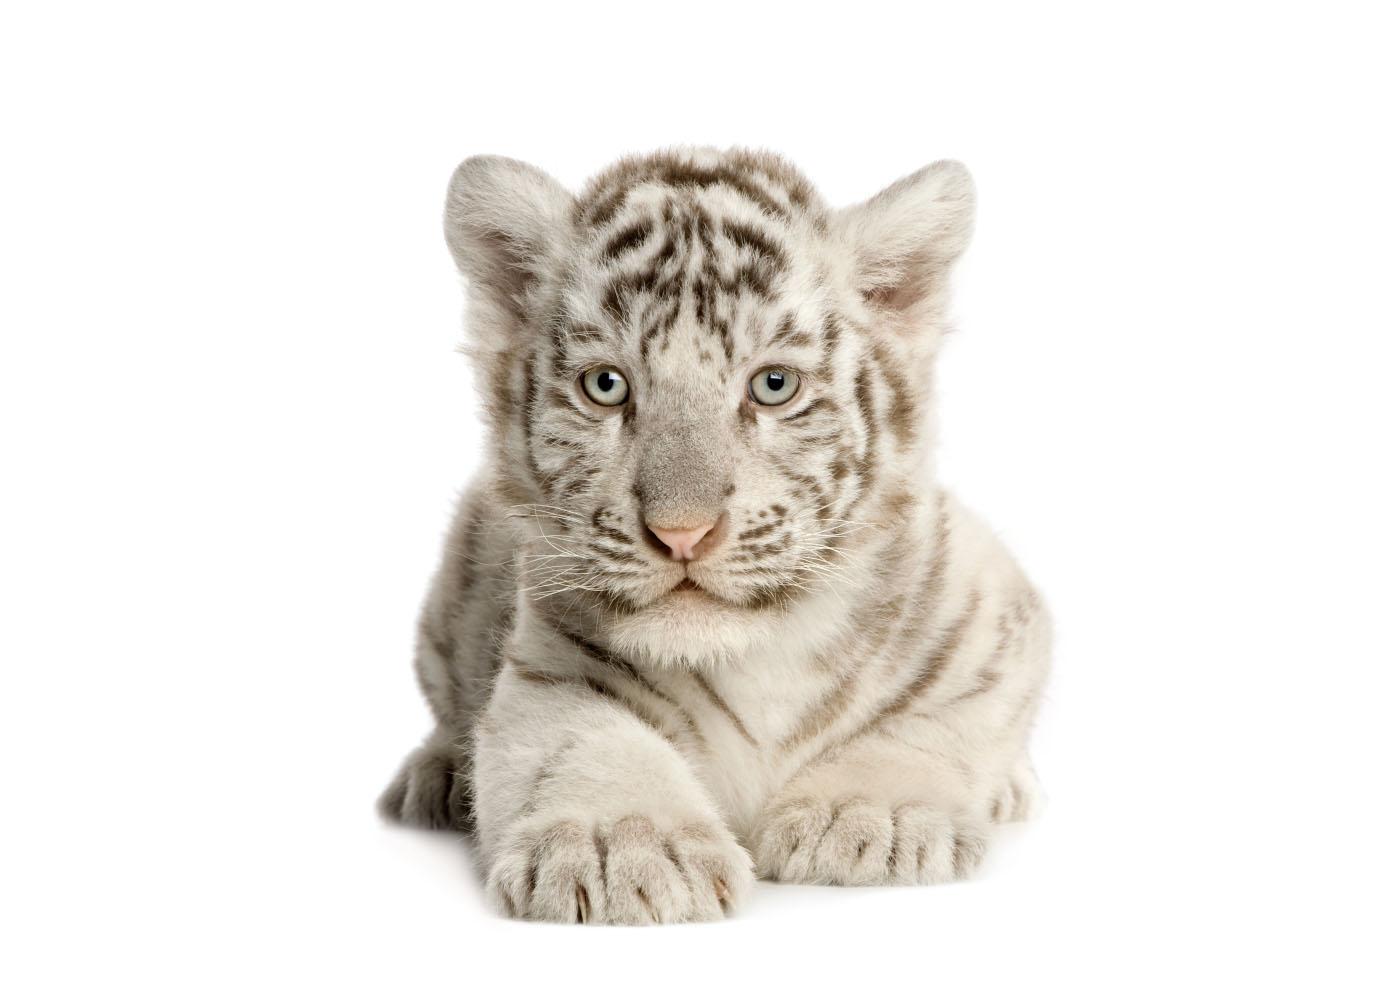 Невероятно красивый блондин с зелеными глазами. Неужели индус? тигра, белого, белые, тигры, природе, дикой, белый, тигров, белых, дворце, рыжих, только, неволе, несколько, тигром, бенгальского, может, тигренок, своих, тигрят